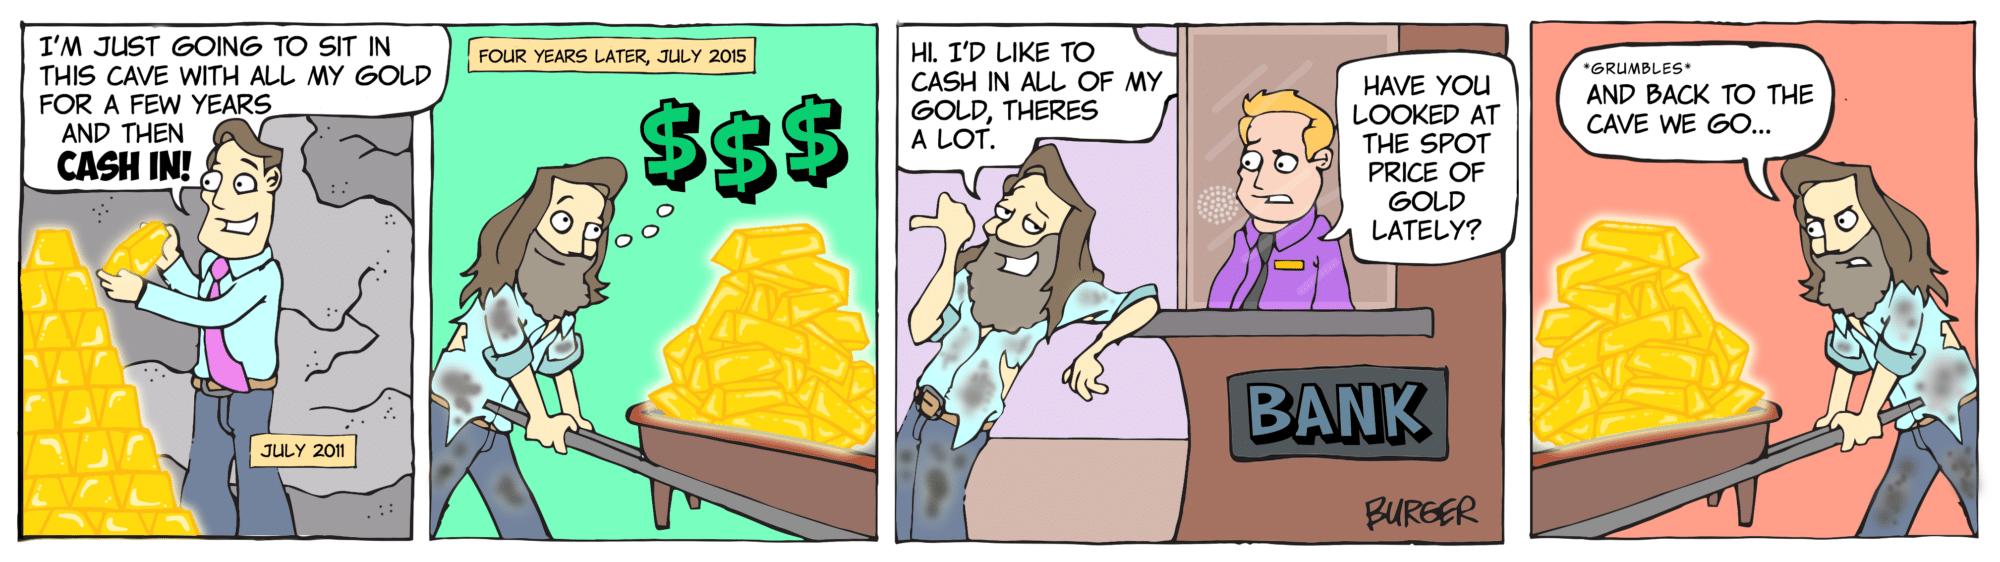 Goldtimer_comic